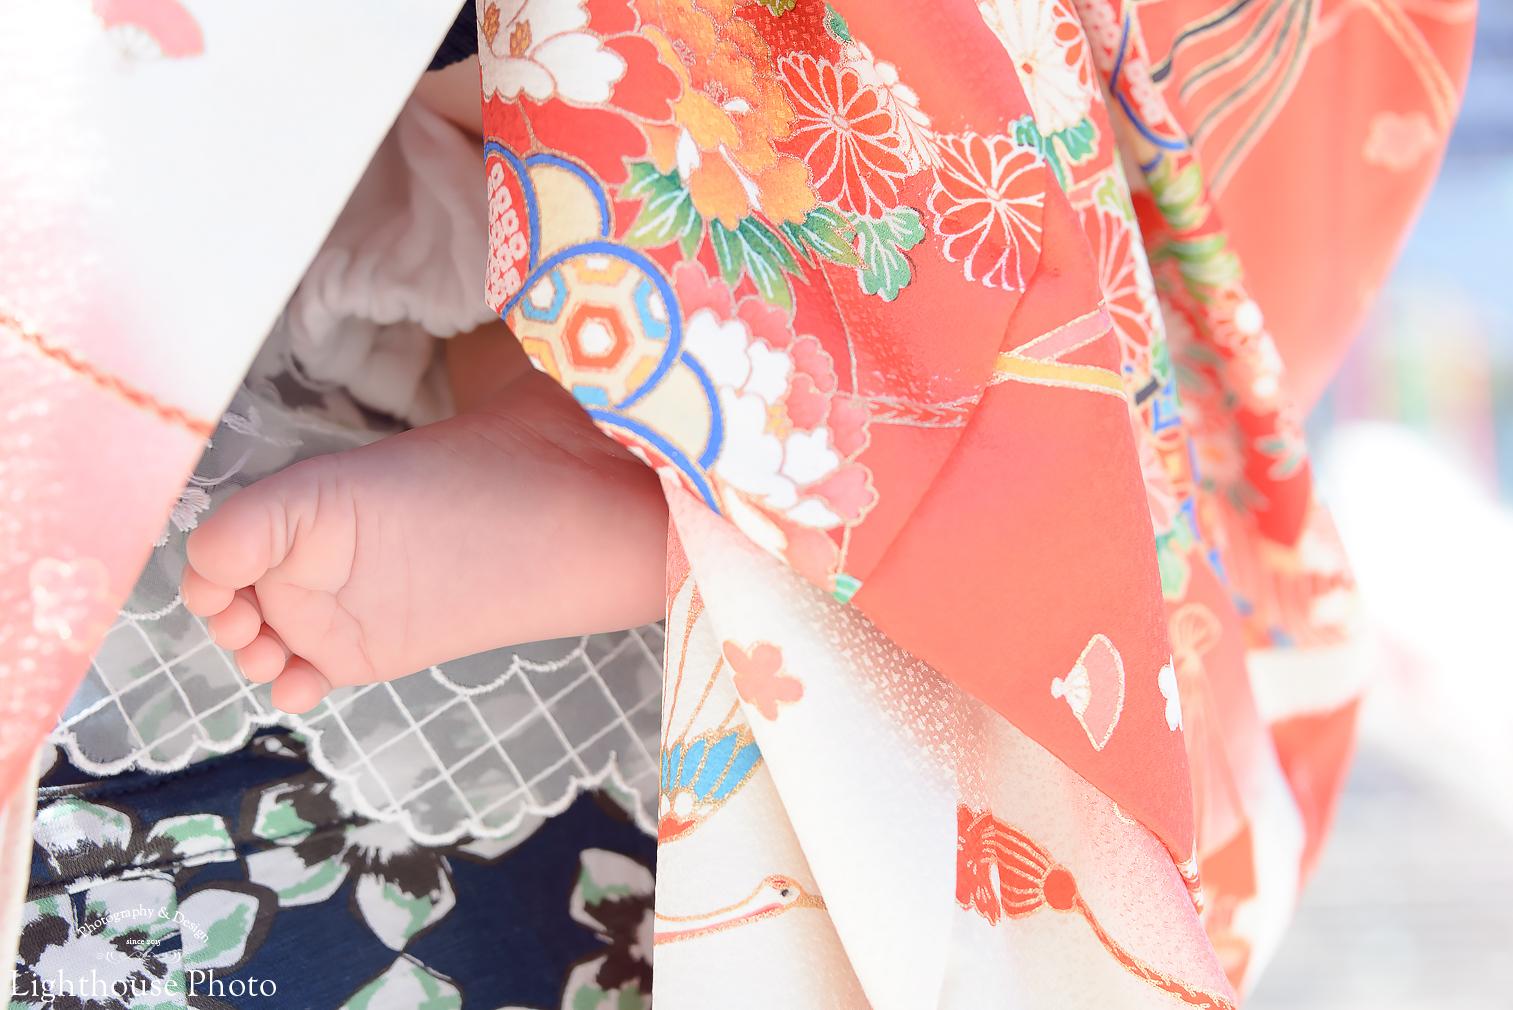 出張撮影・お外スタジオ・結婚式前撮り・ホームページ制作・グラフィックデザイン制作・アルバムデザイン制作を西宮・神戸・大阪・芦屋・宝塚中心に行っているLighthouse Photoのブログ「お宮参り撮影!!晴天のお寺に天使あらわるロケーションフォトin中山寺」のイメージ写真4